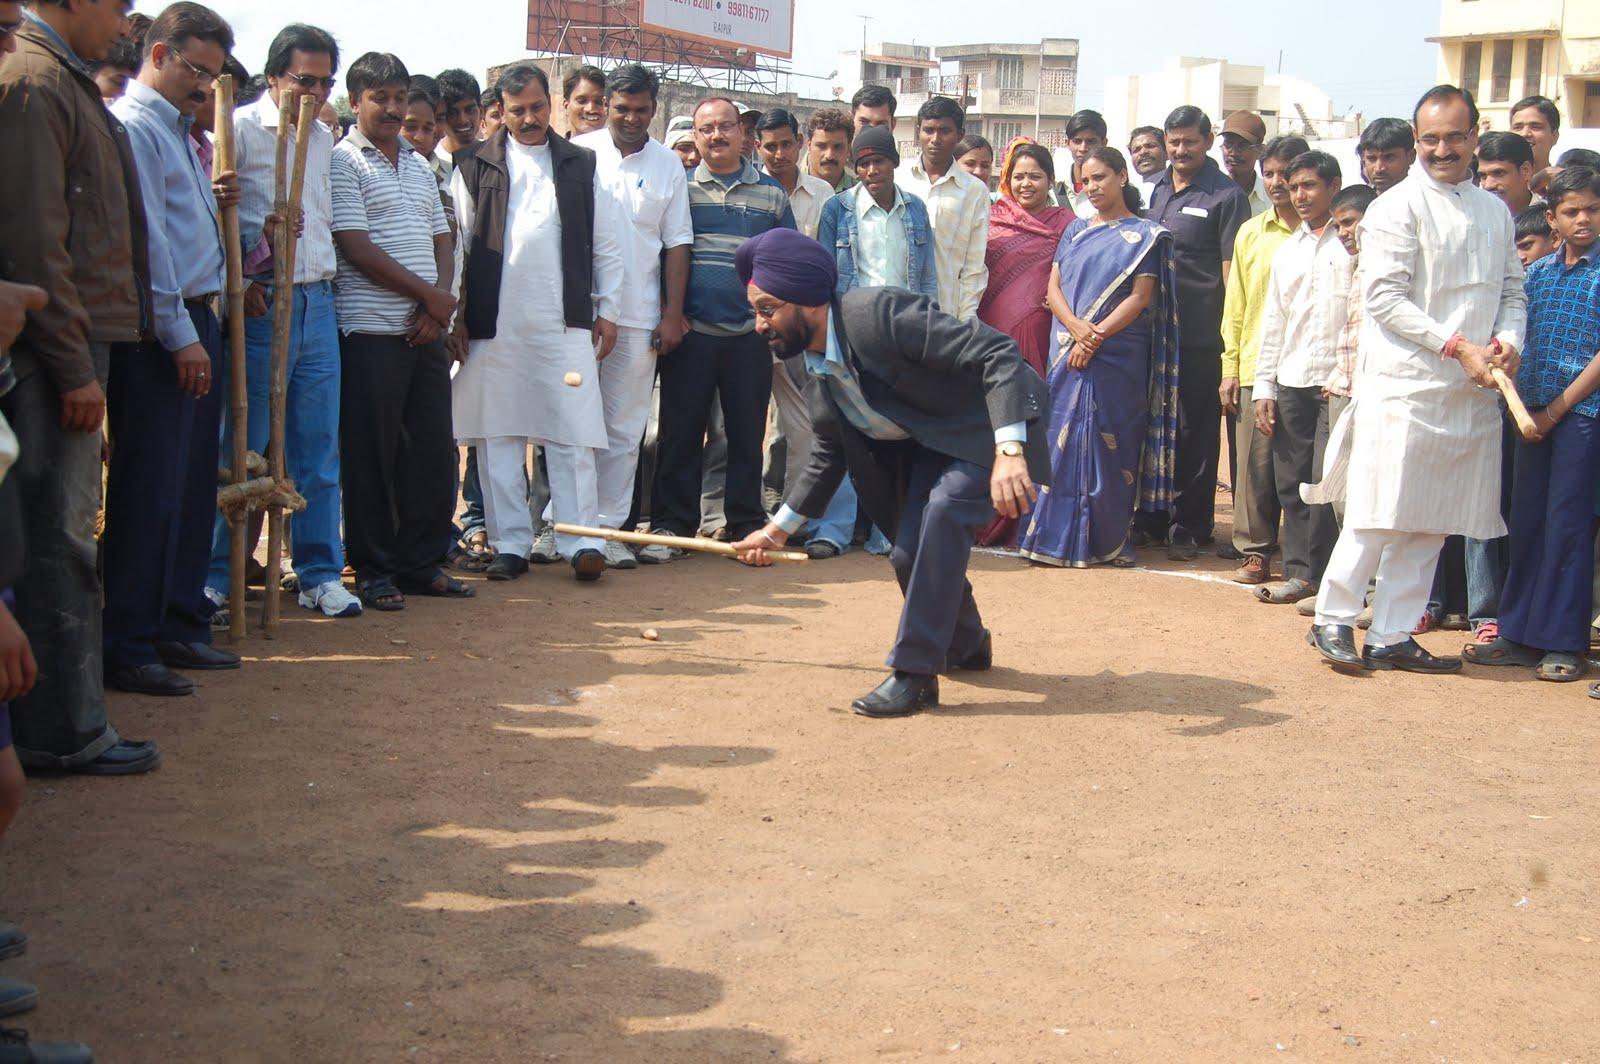 छत्तीसगढ़ के खेल संचालक जीपी सिंह गुल्ली-डंडा खेलते हुए।